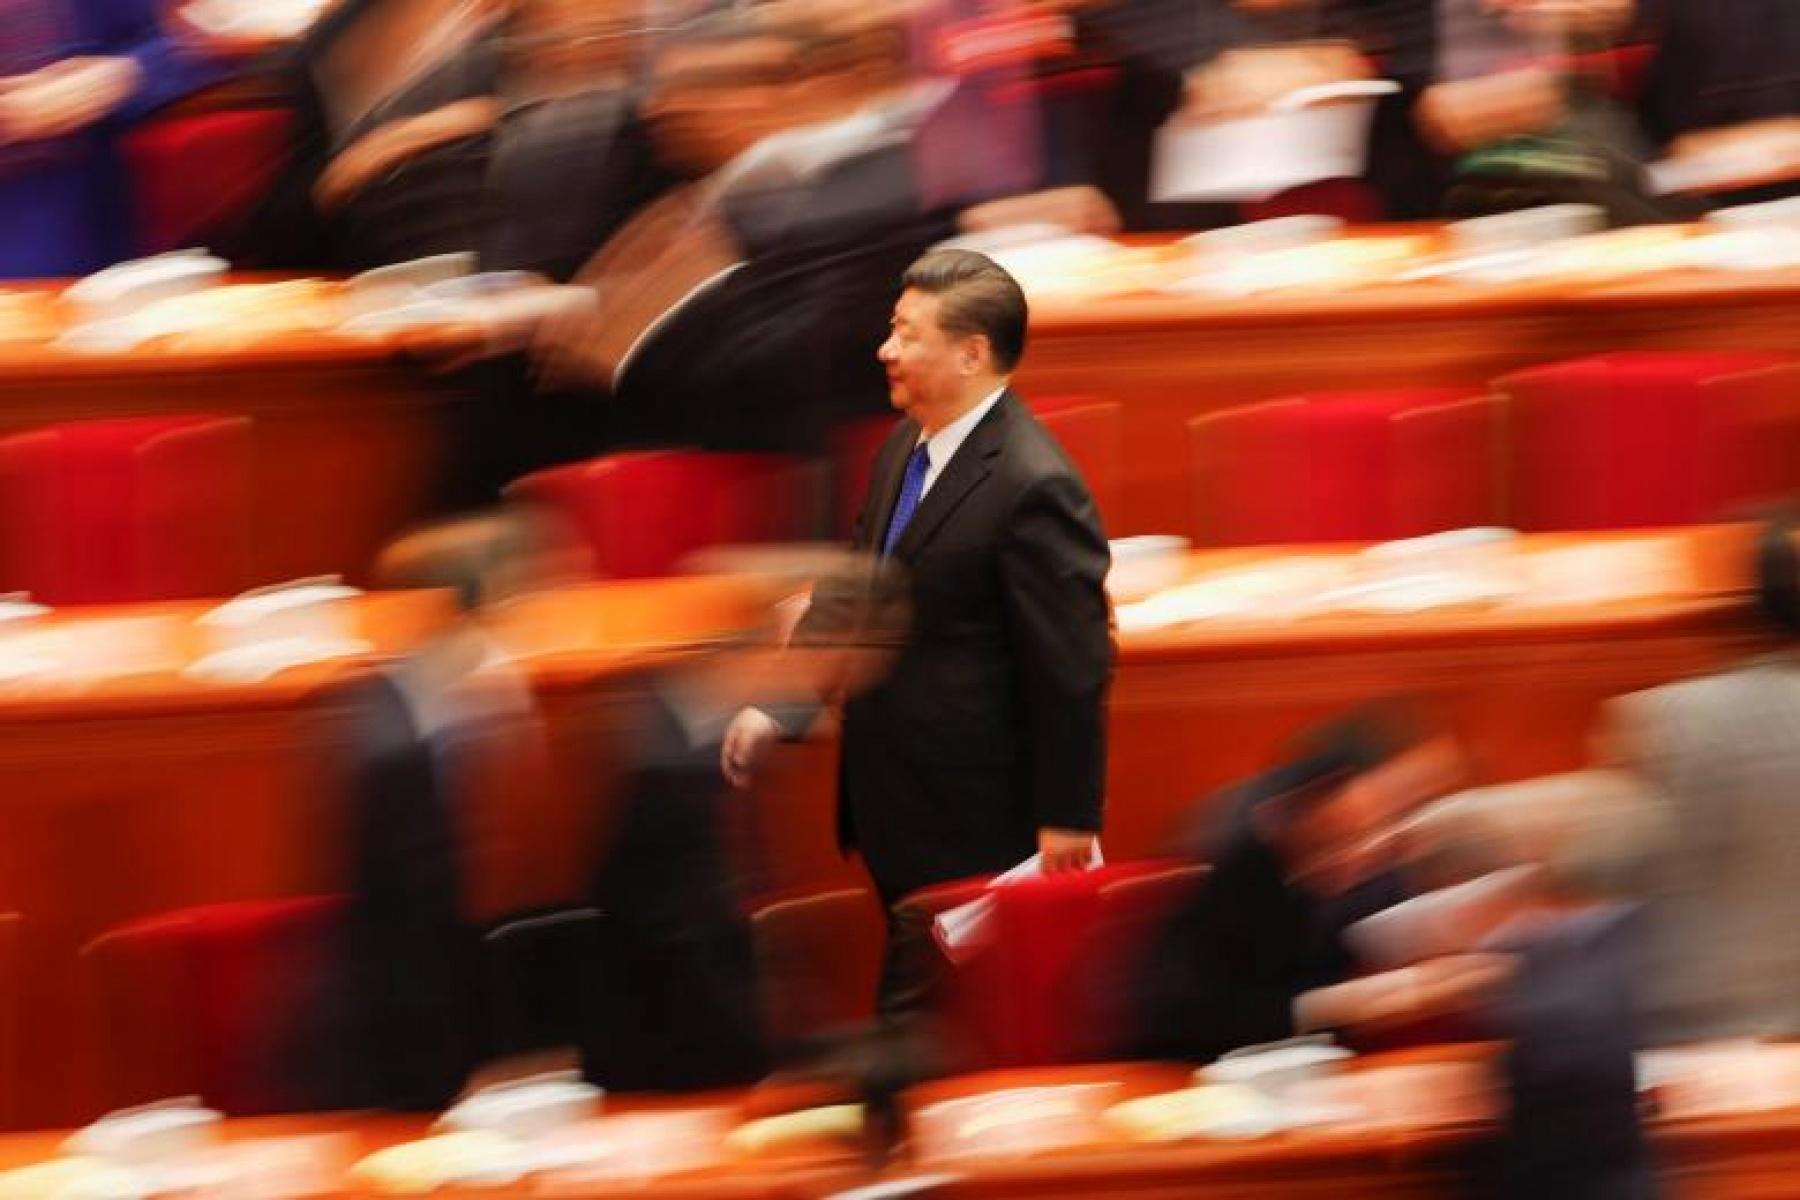 Photo Credit: Presiden China Xi Jinping pergi setelah sesi pembukaan Konferensi Konsultatif Politik Rakyat Tiongkok (CPPCC) di Aula Besar Rakyat di Beijing, Tiongkok, 3 Maret 2018. REUTERS/Damir Sagolj